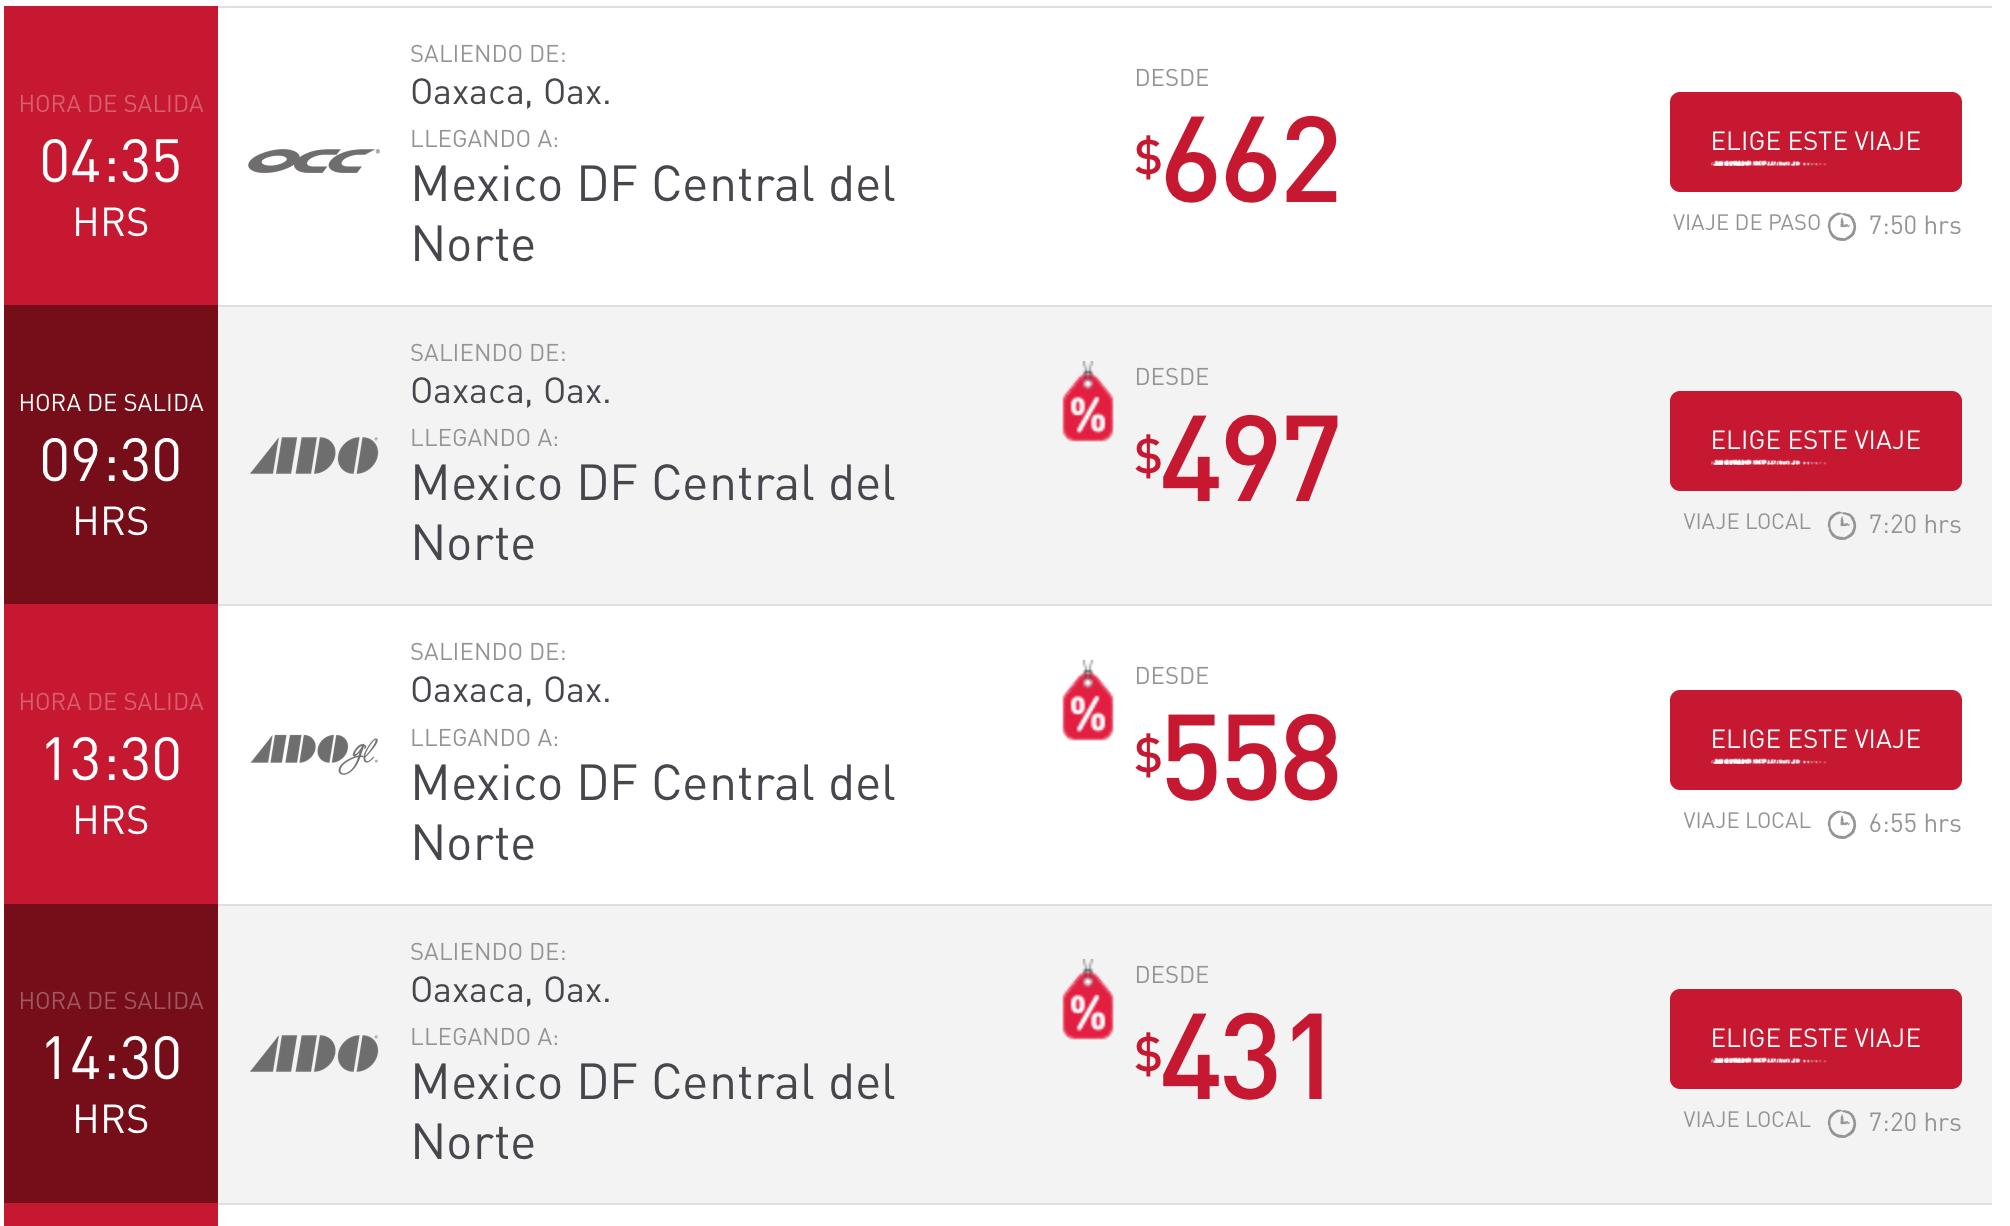 オアハカ メキシコシティ バス 時刻表